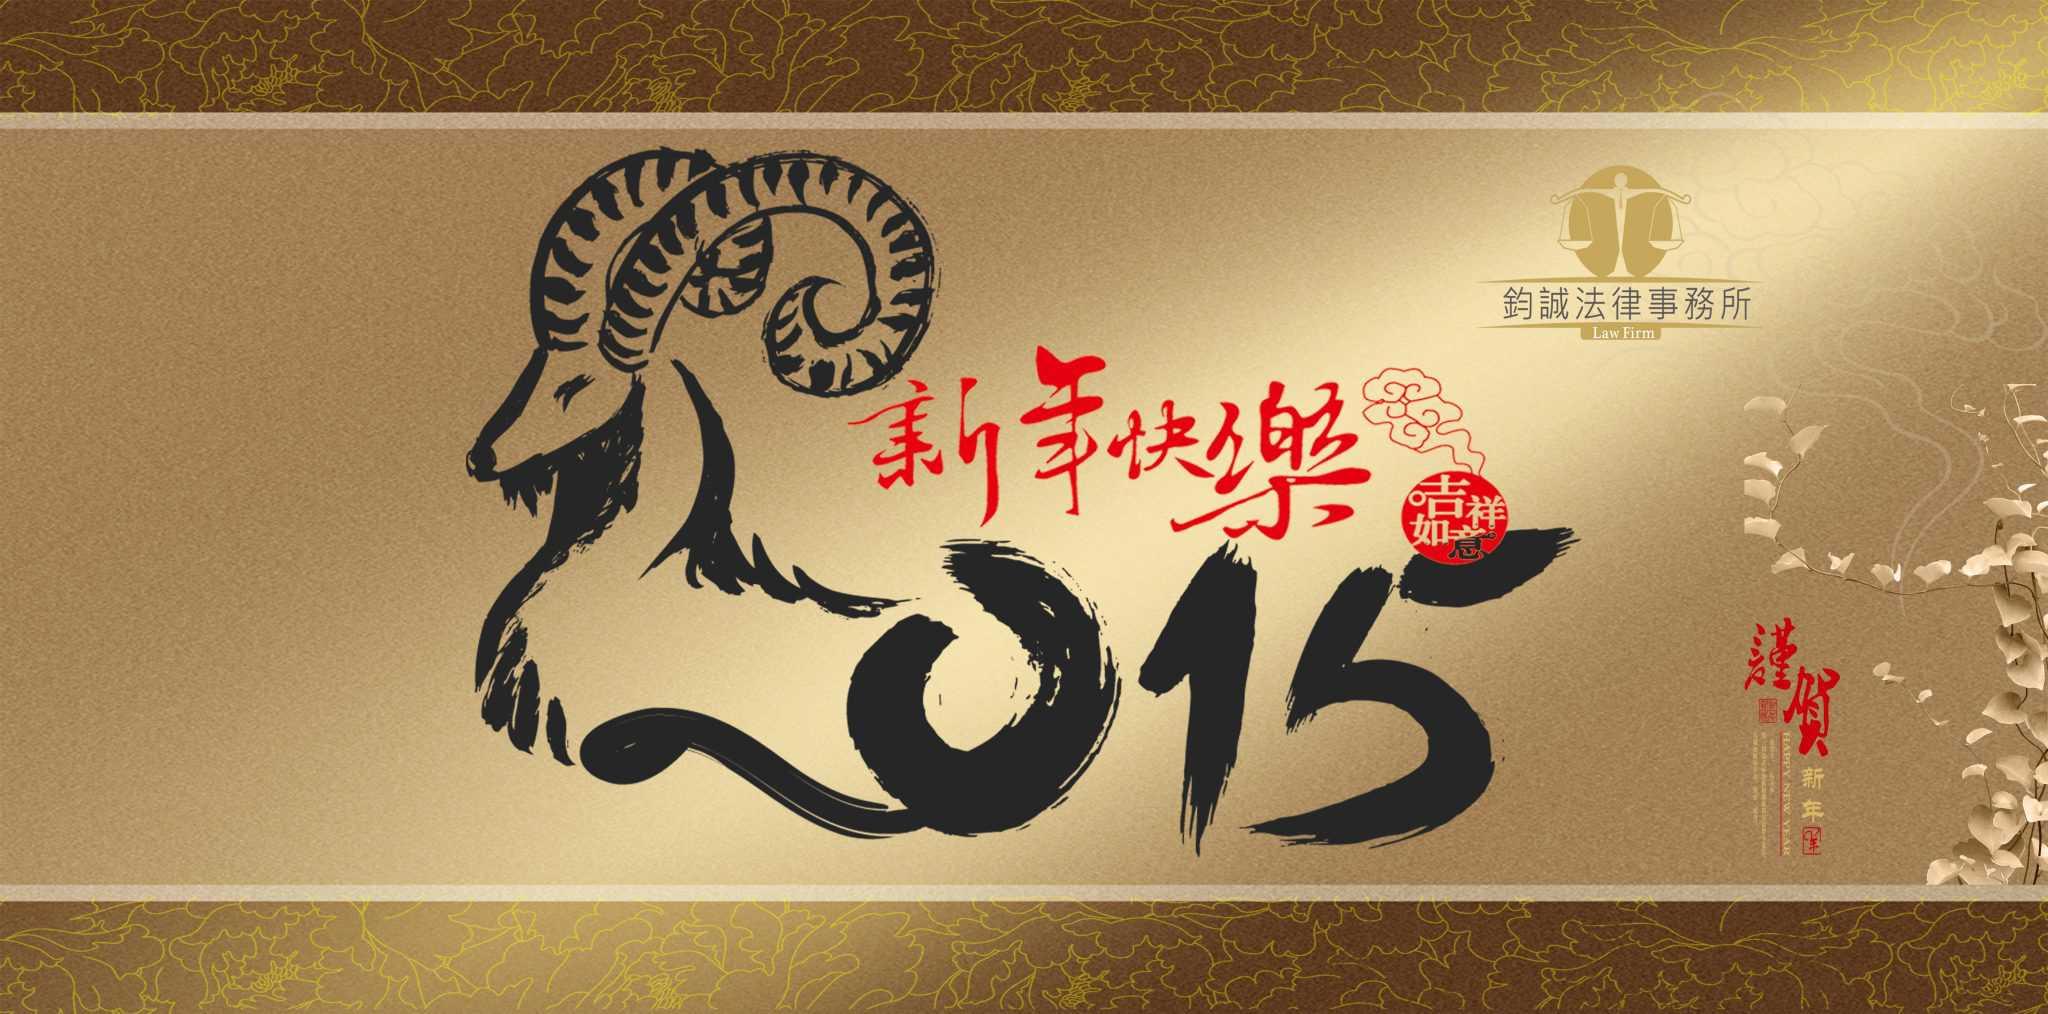 新年快樂,羊年如意